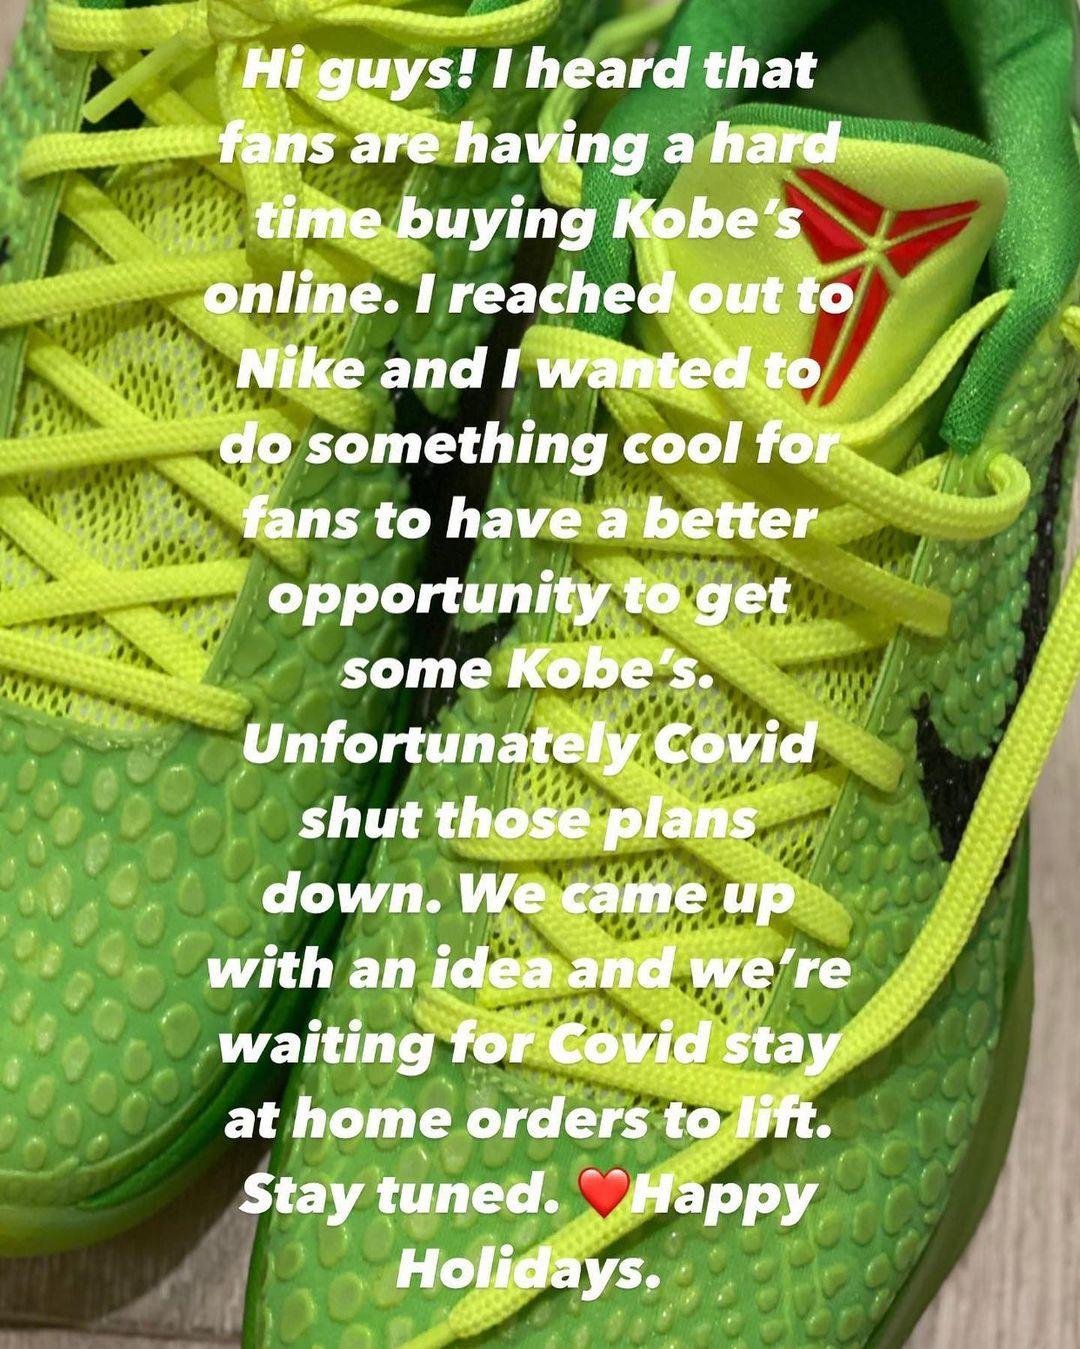 科比,战靴,还有,转机,「,科嫂,」,透露,不跟,  科比战靴还有转机!「科嫂」透露不跟耐克续约的原因!